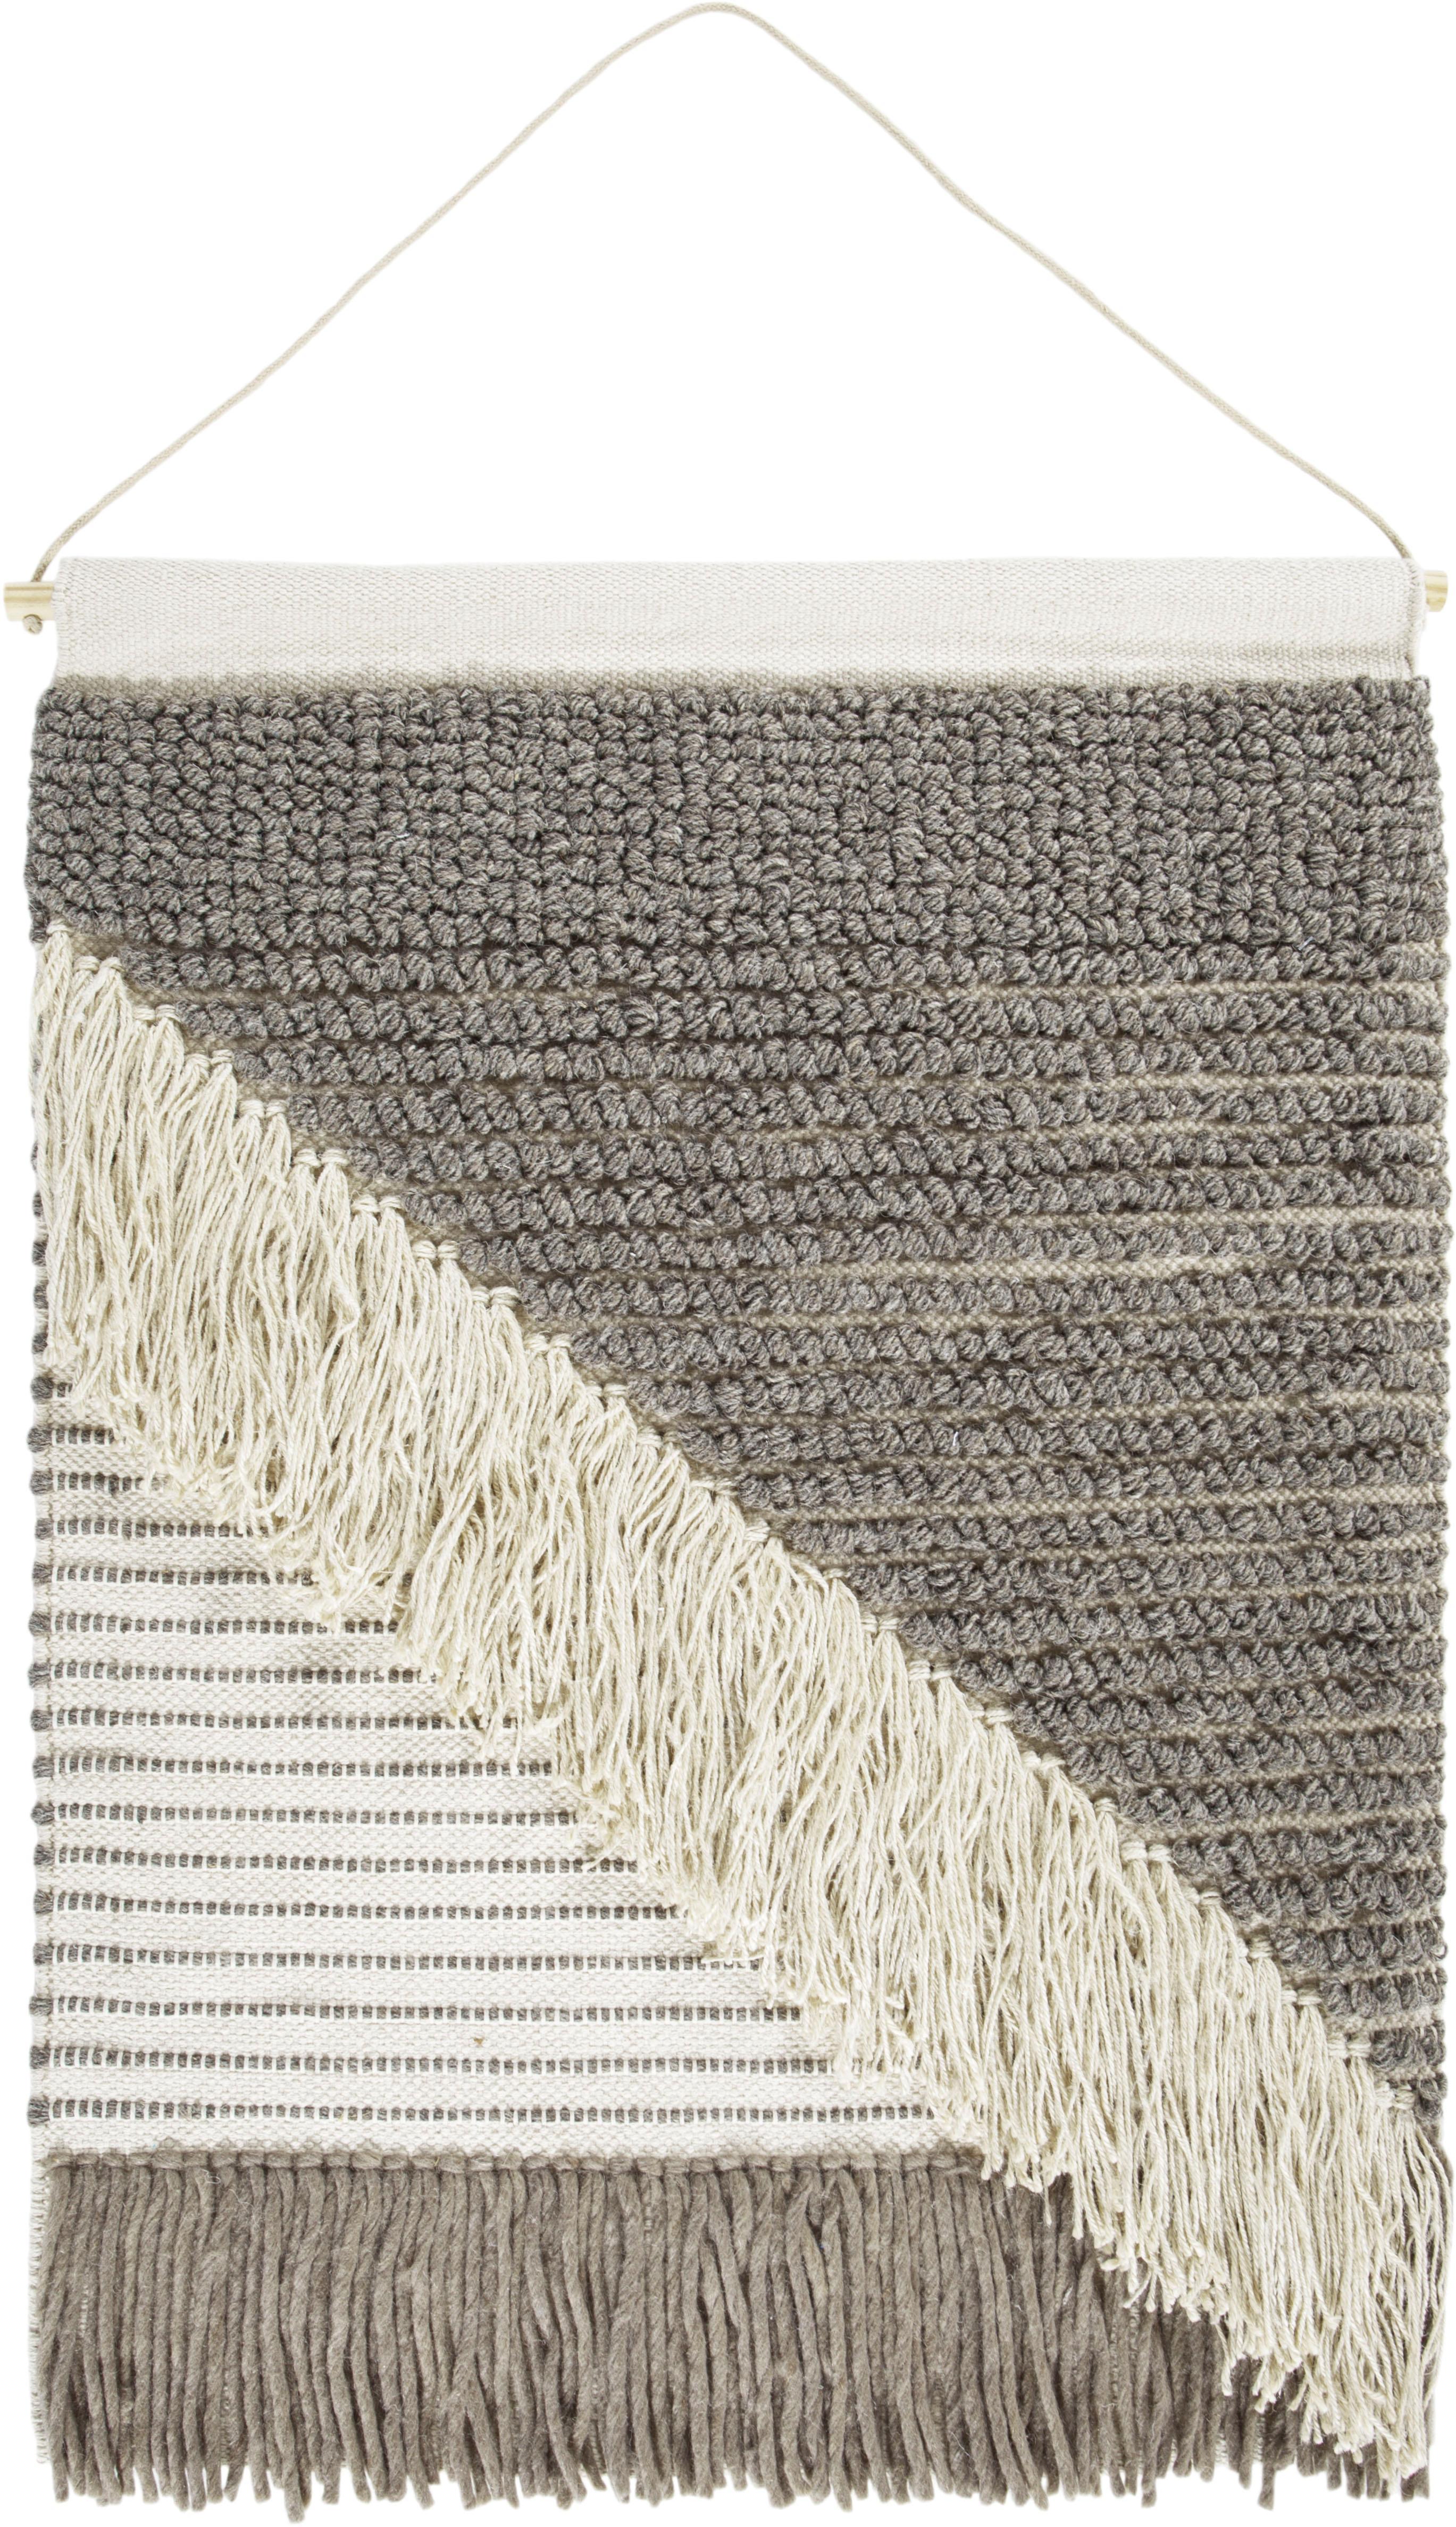 Wandteppich Skagen 3 LUXOR living rechteckig Höhe 10 mm handgewebt   Heimtextilien > Teppiche > Wandteppich   Grau   Wolle   Luxor Living